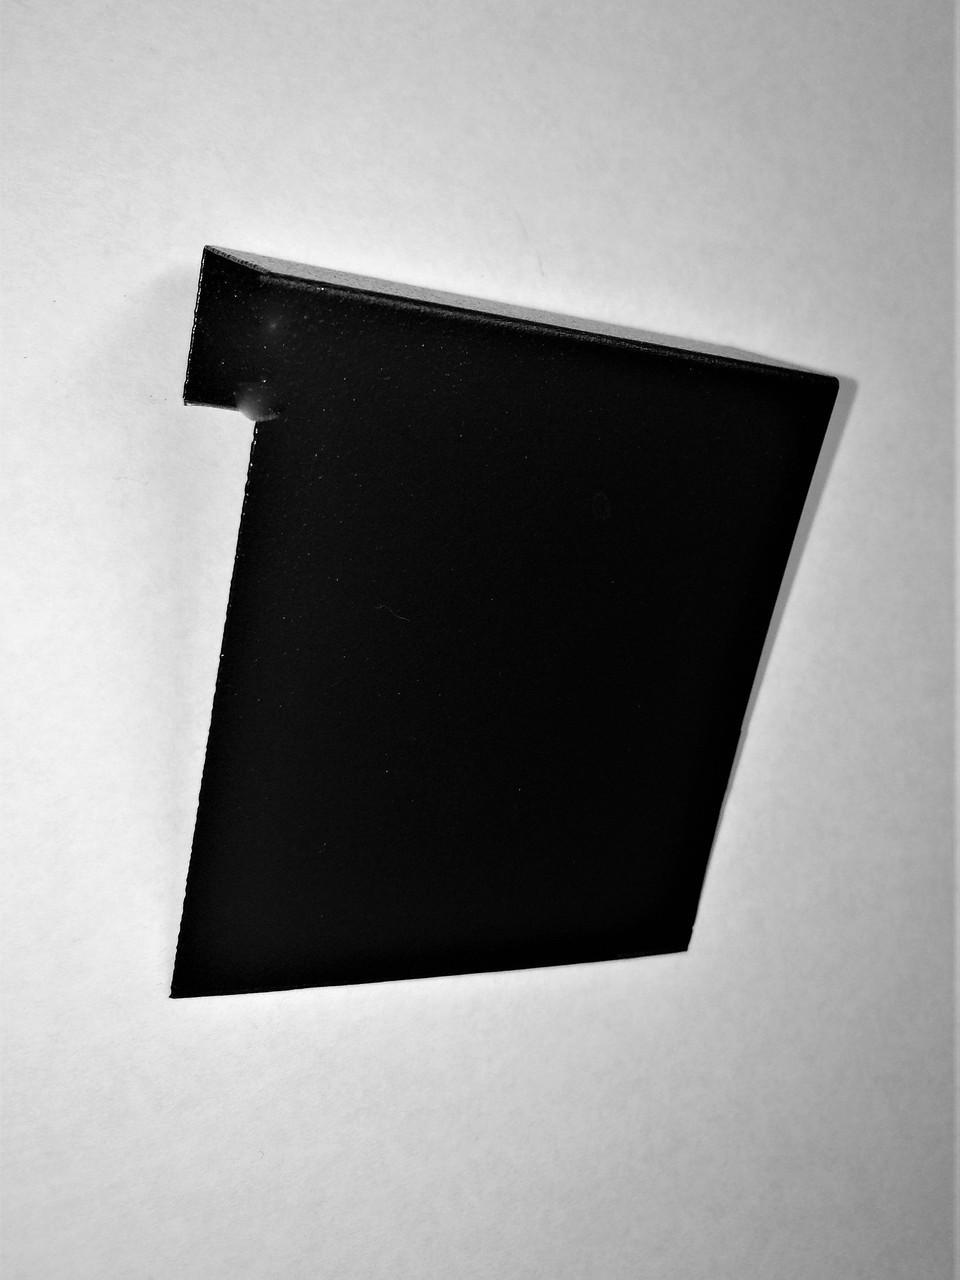 Меловой ценник 5х5 см П-образный на полку. Грифельная табличка на стеллаж. Для надписей мелом и маркером.